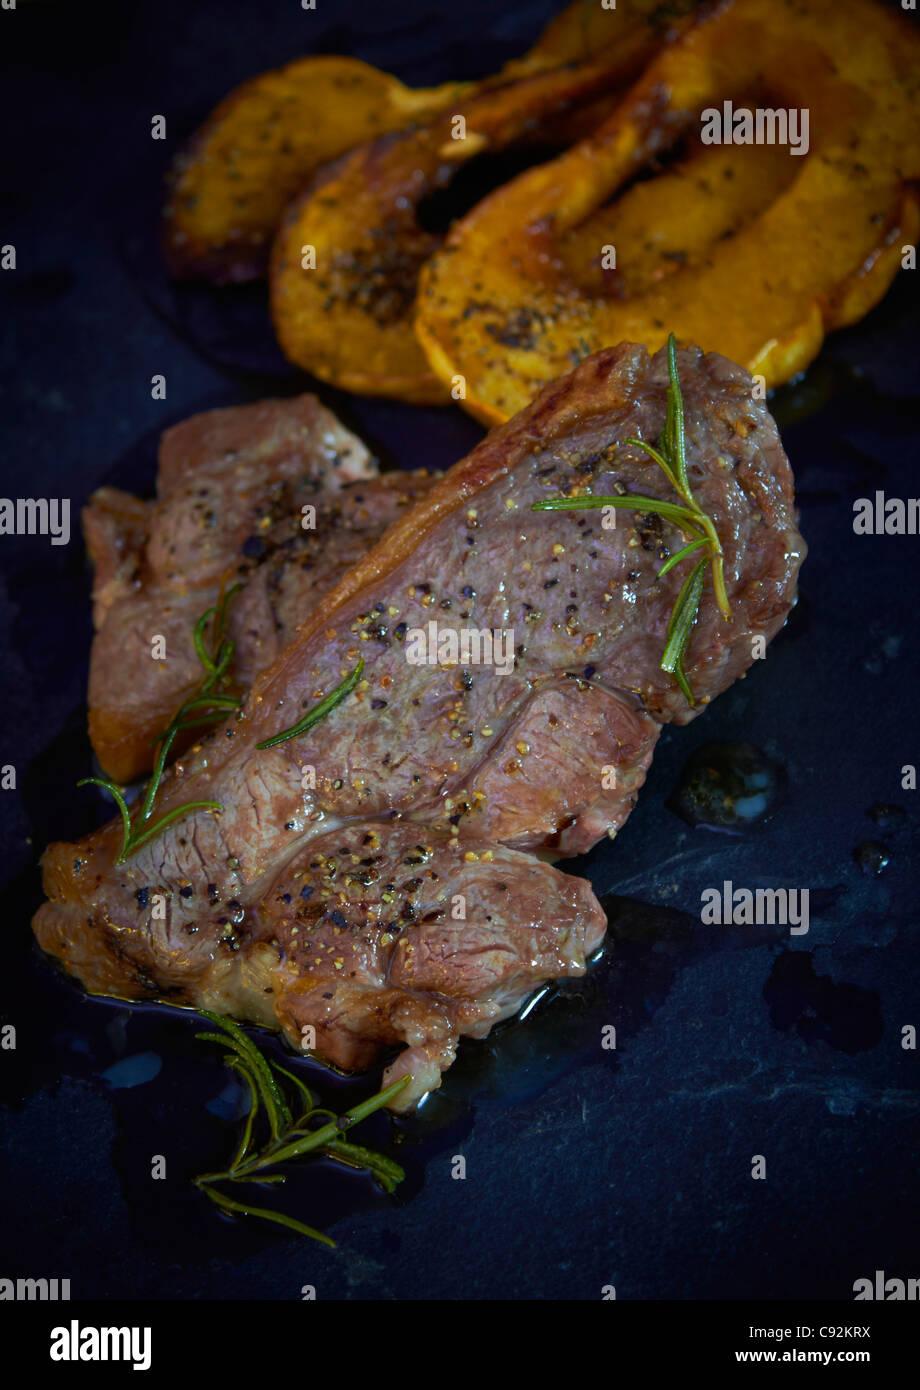 Gigot d'agneau grillé cuit steak Photo Stock